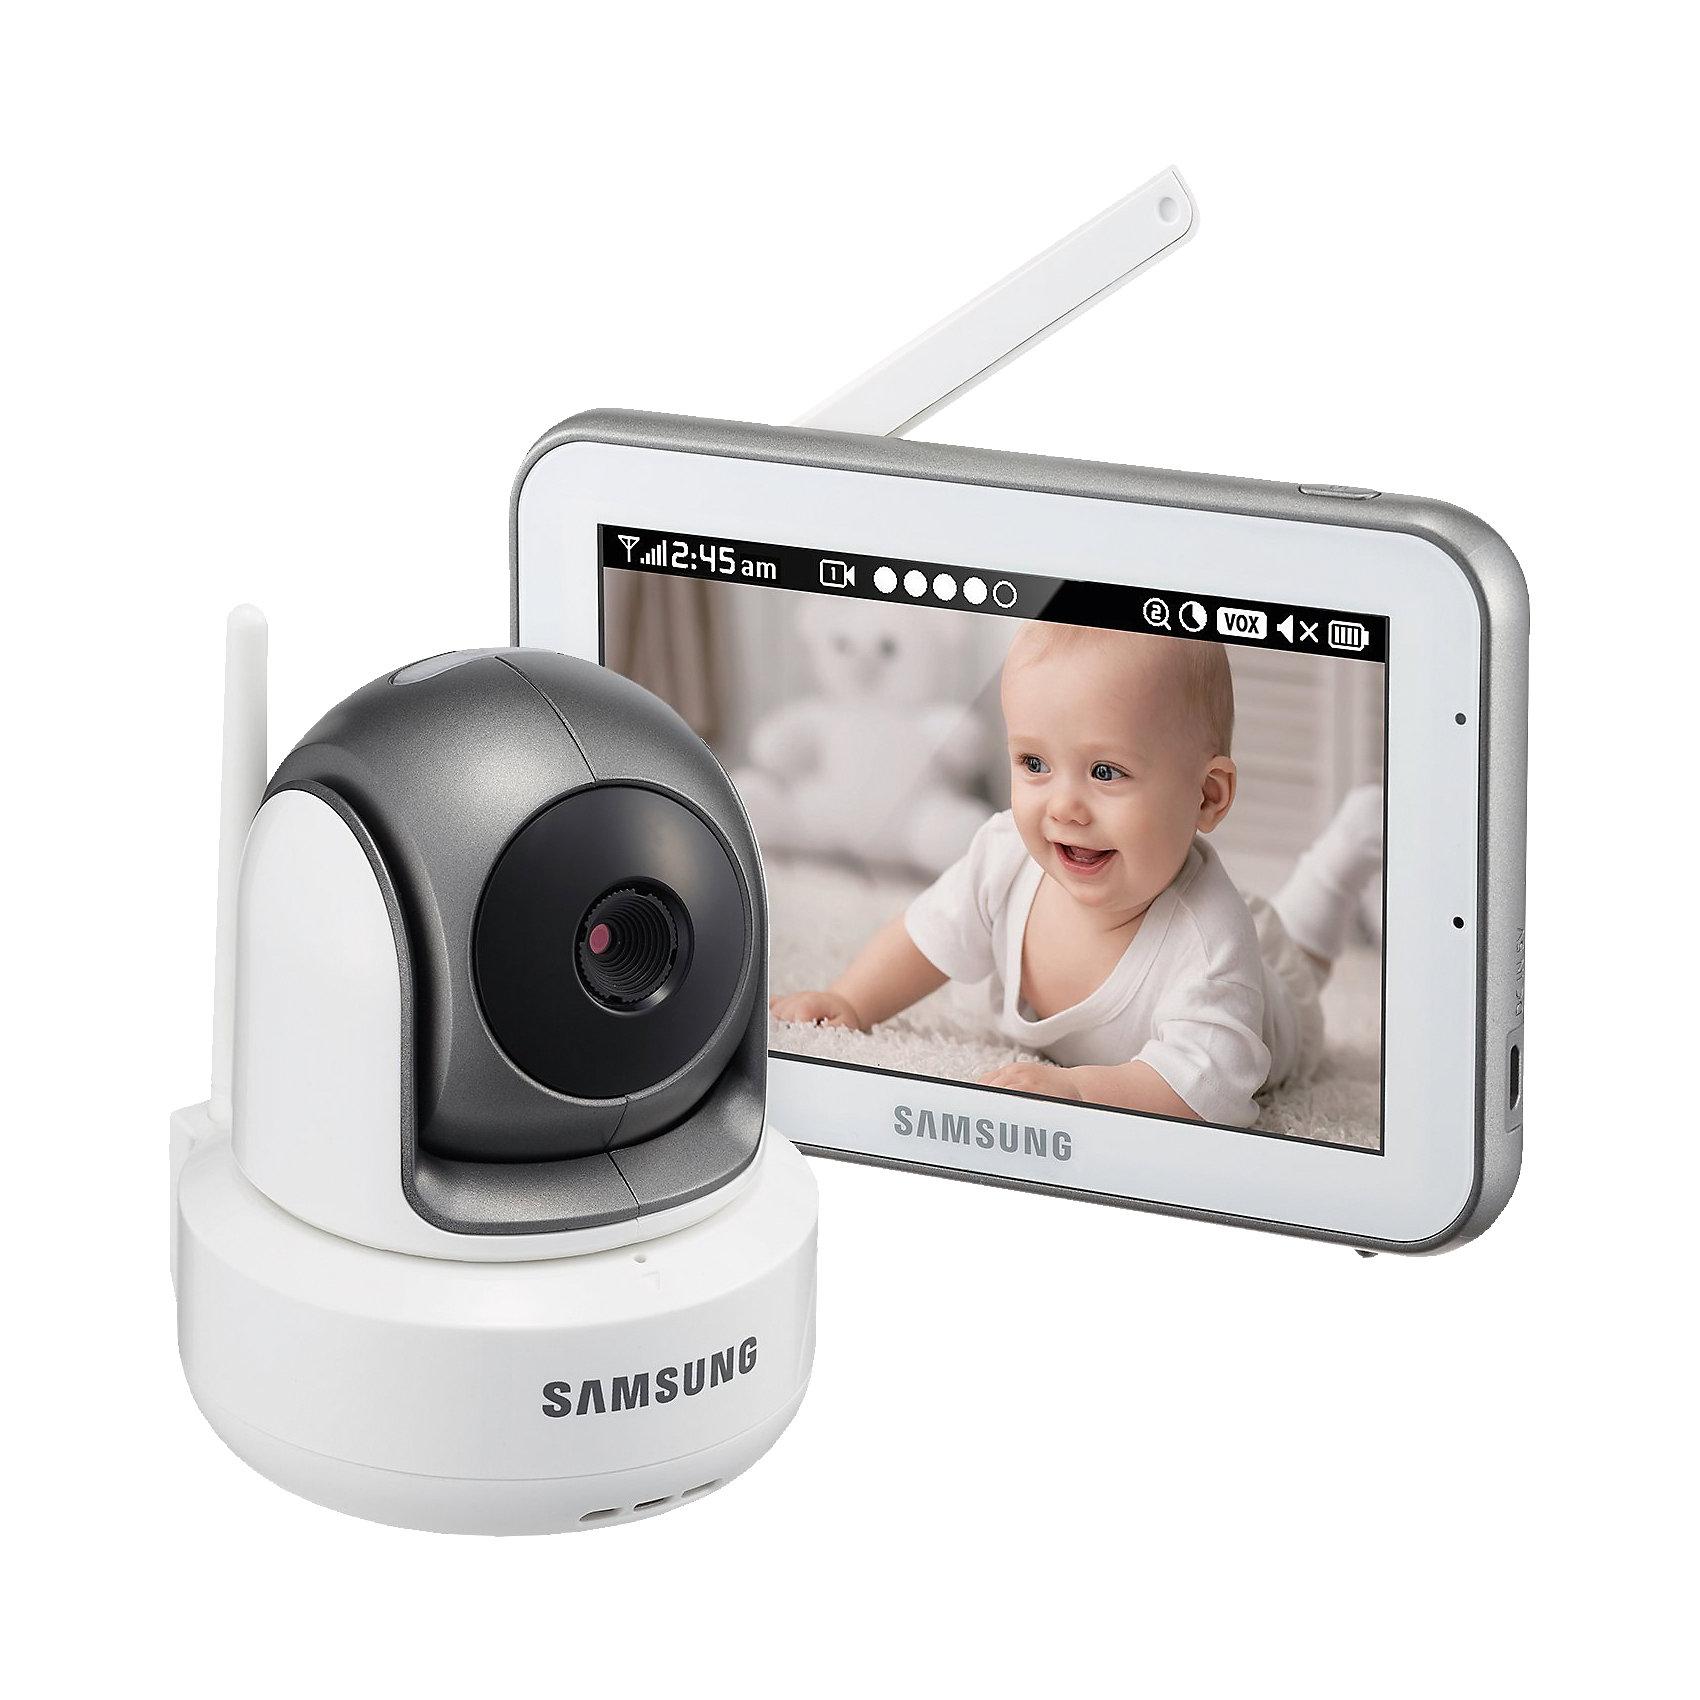 Видеоняня  с поворотной камерой Sew-3043, SamsungДетская бытовая техника<br>Цифровая, дальность 300 м. Высокое качество изображения и звука. Камера HD 720p. Монитор 800х480px. Поворотная камера угол поворота по ширине 300 градусов, по высоте 110. Дисплей 12,7 см (5 дюймов). Сенсорный экран. Двухсторонняя связь, колыбельные, VOX, ночное видение. Подавление помех.<br><br>Ширина мм: 291<br>Глубина мм: 236<br>Высота мм: 119<br>Вес г: 1138<br>Цвет: черный/белый<br>Возраст от месяцев: 0<br>Возраст до месяцев: 12<br>Пол: Унисекс<br>Возраст: Детский<br>SKU: 4980596